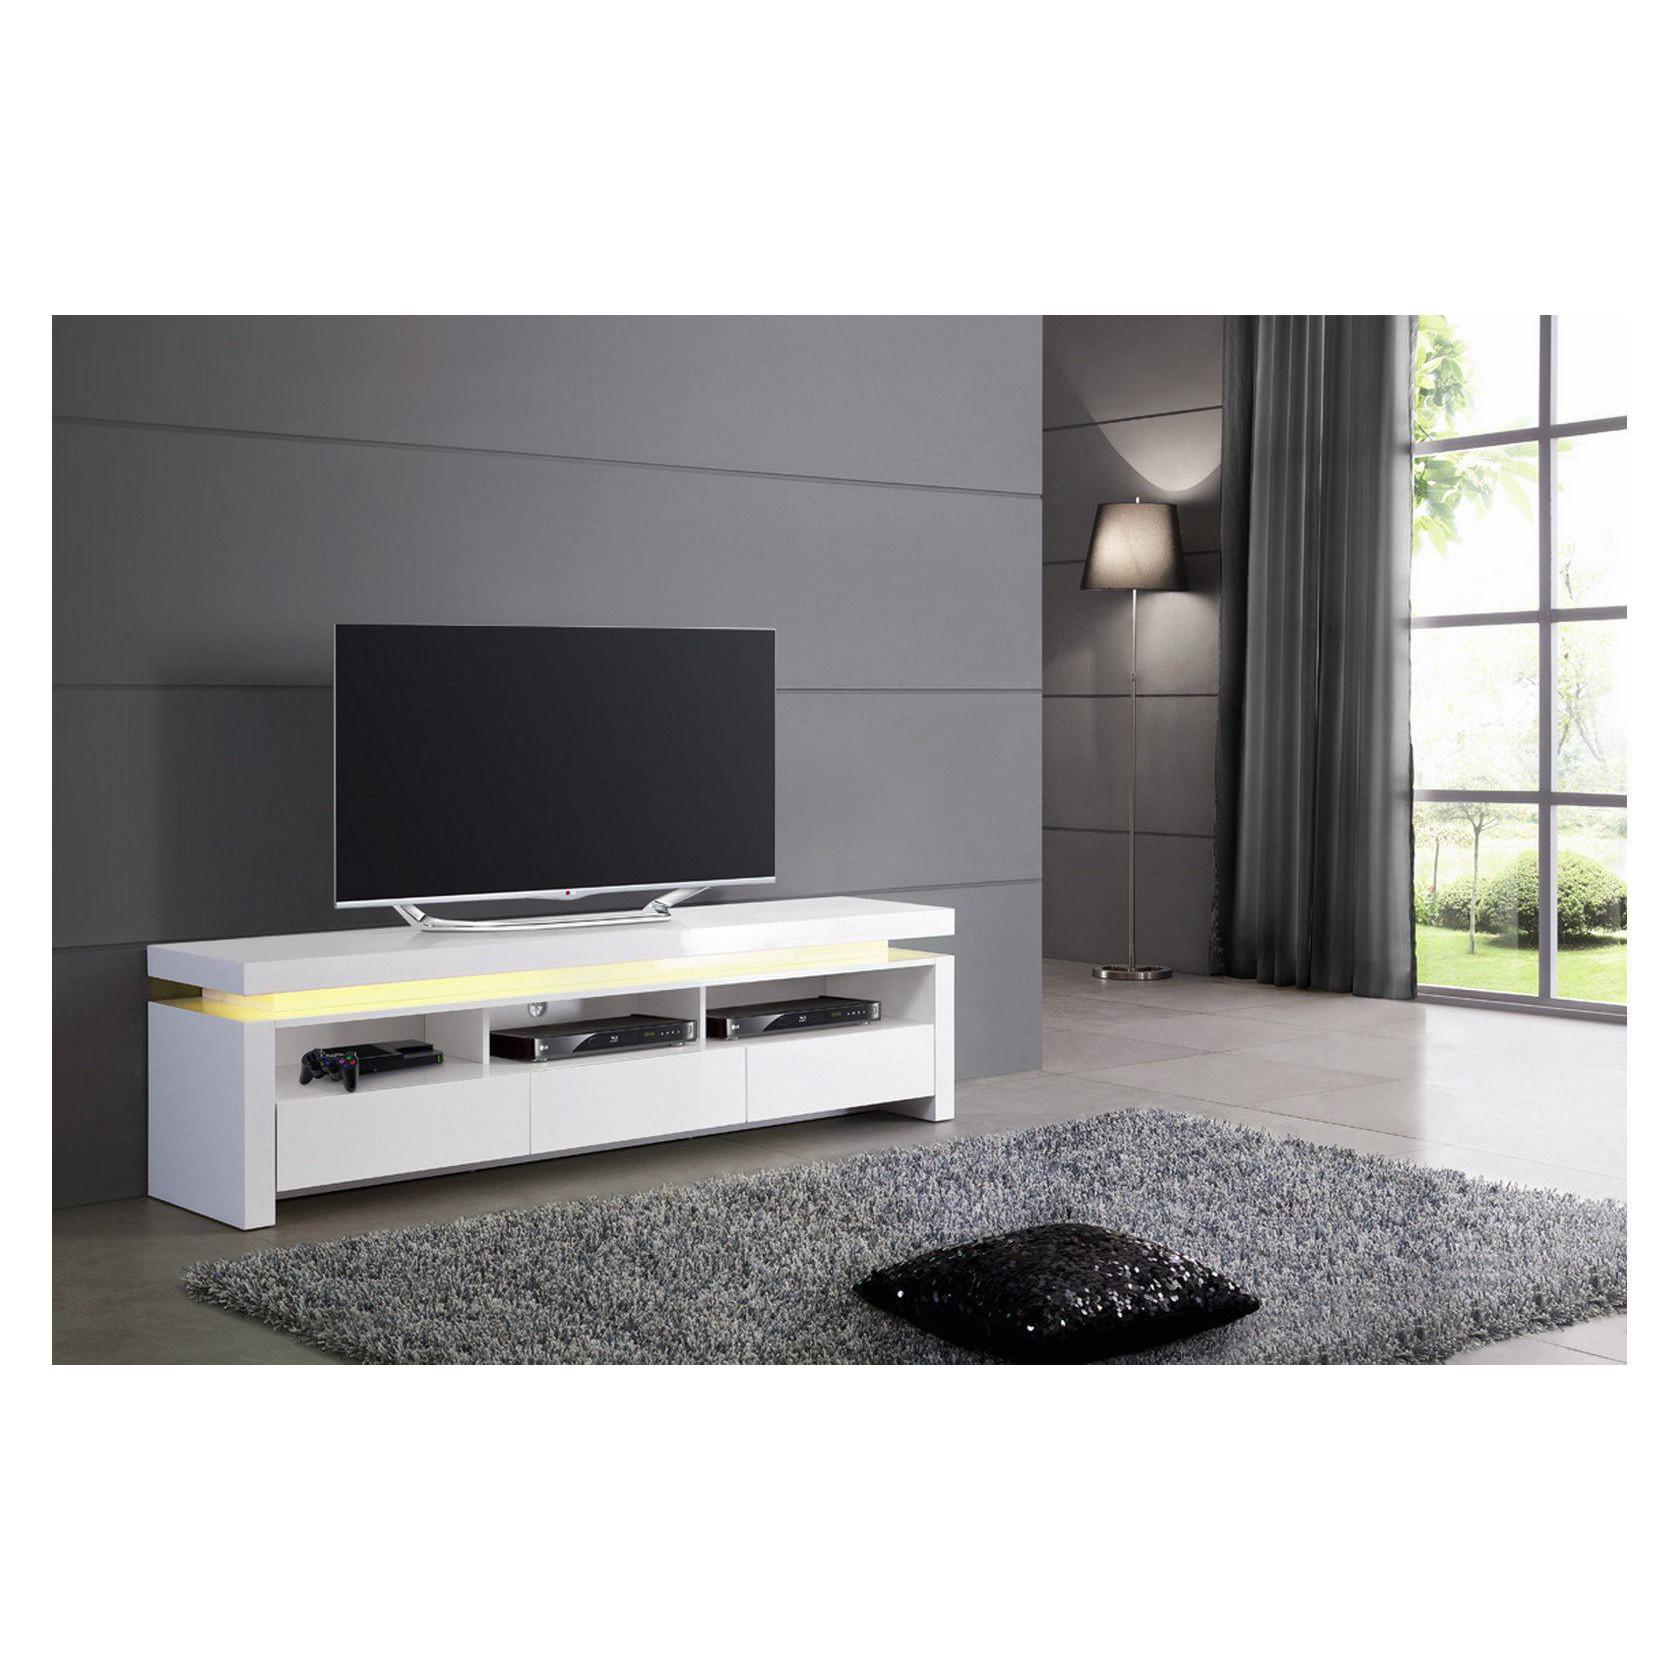 Meuble Tv Lumineux Modulable Pas Cher Sur Wwwforium encequiconcerne Meuble Tv Blanc Laqué Pas Cher